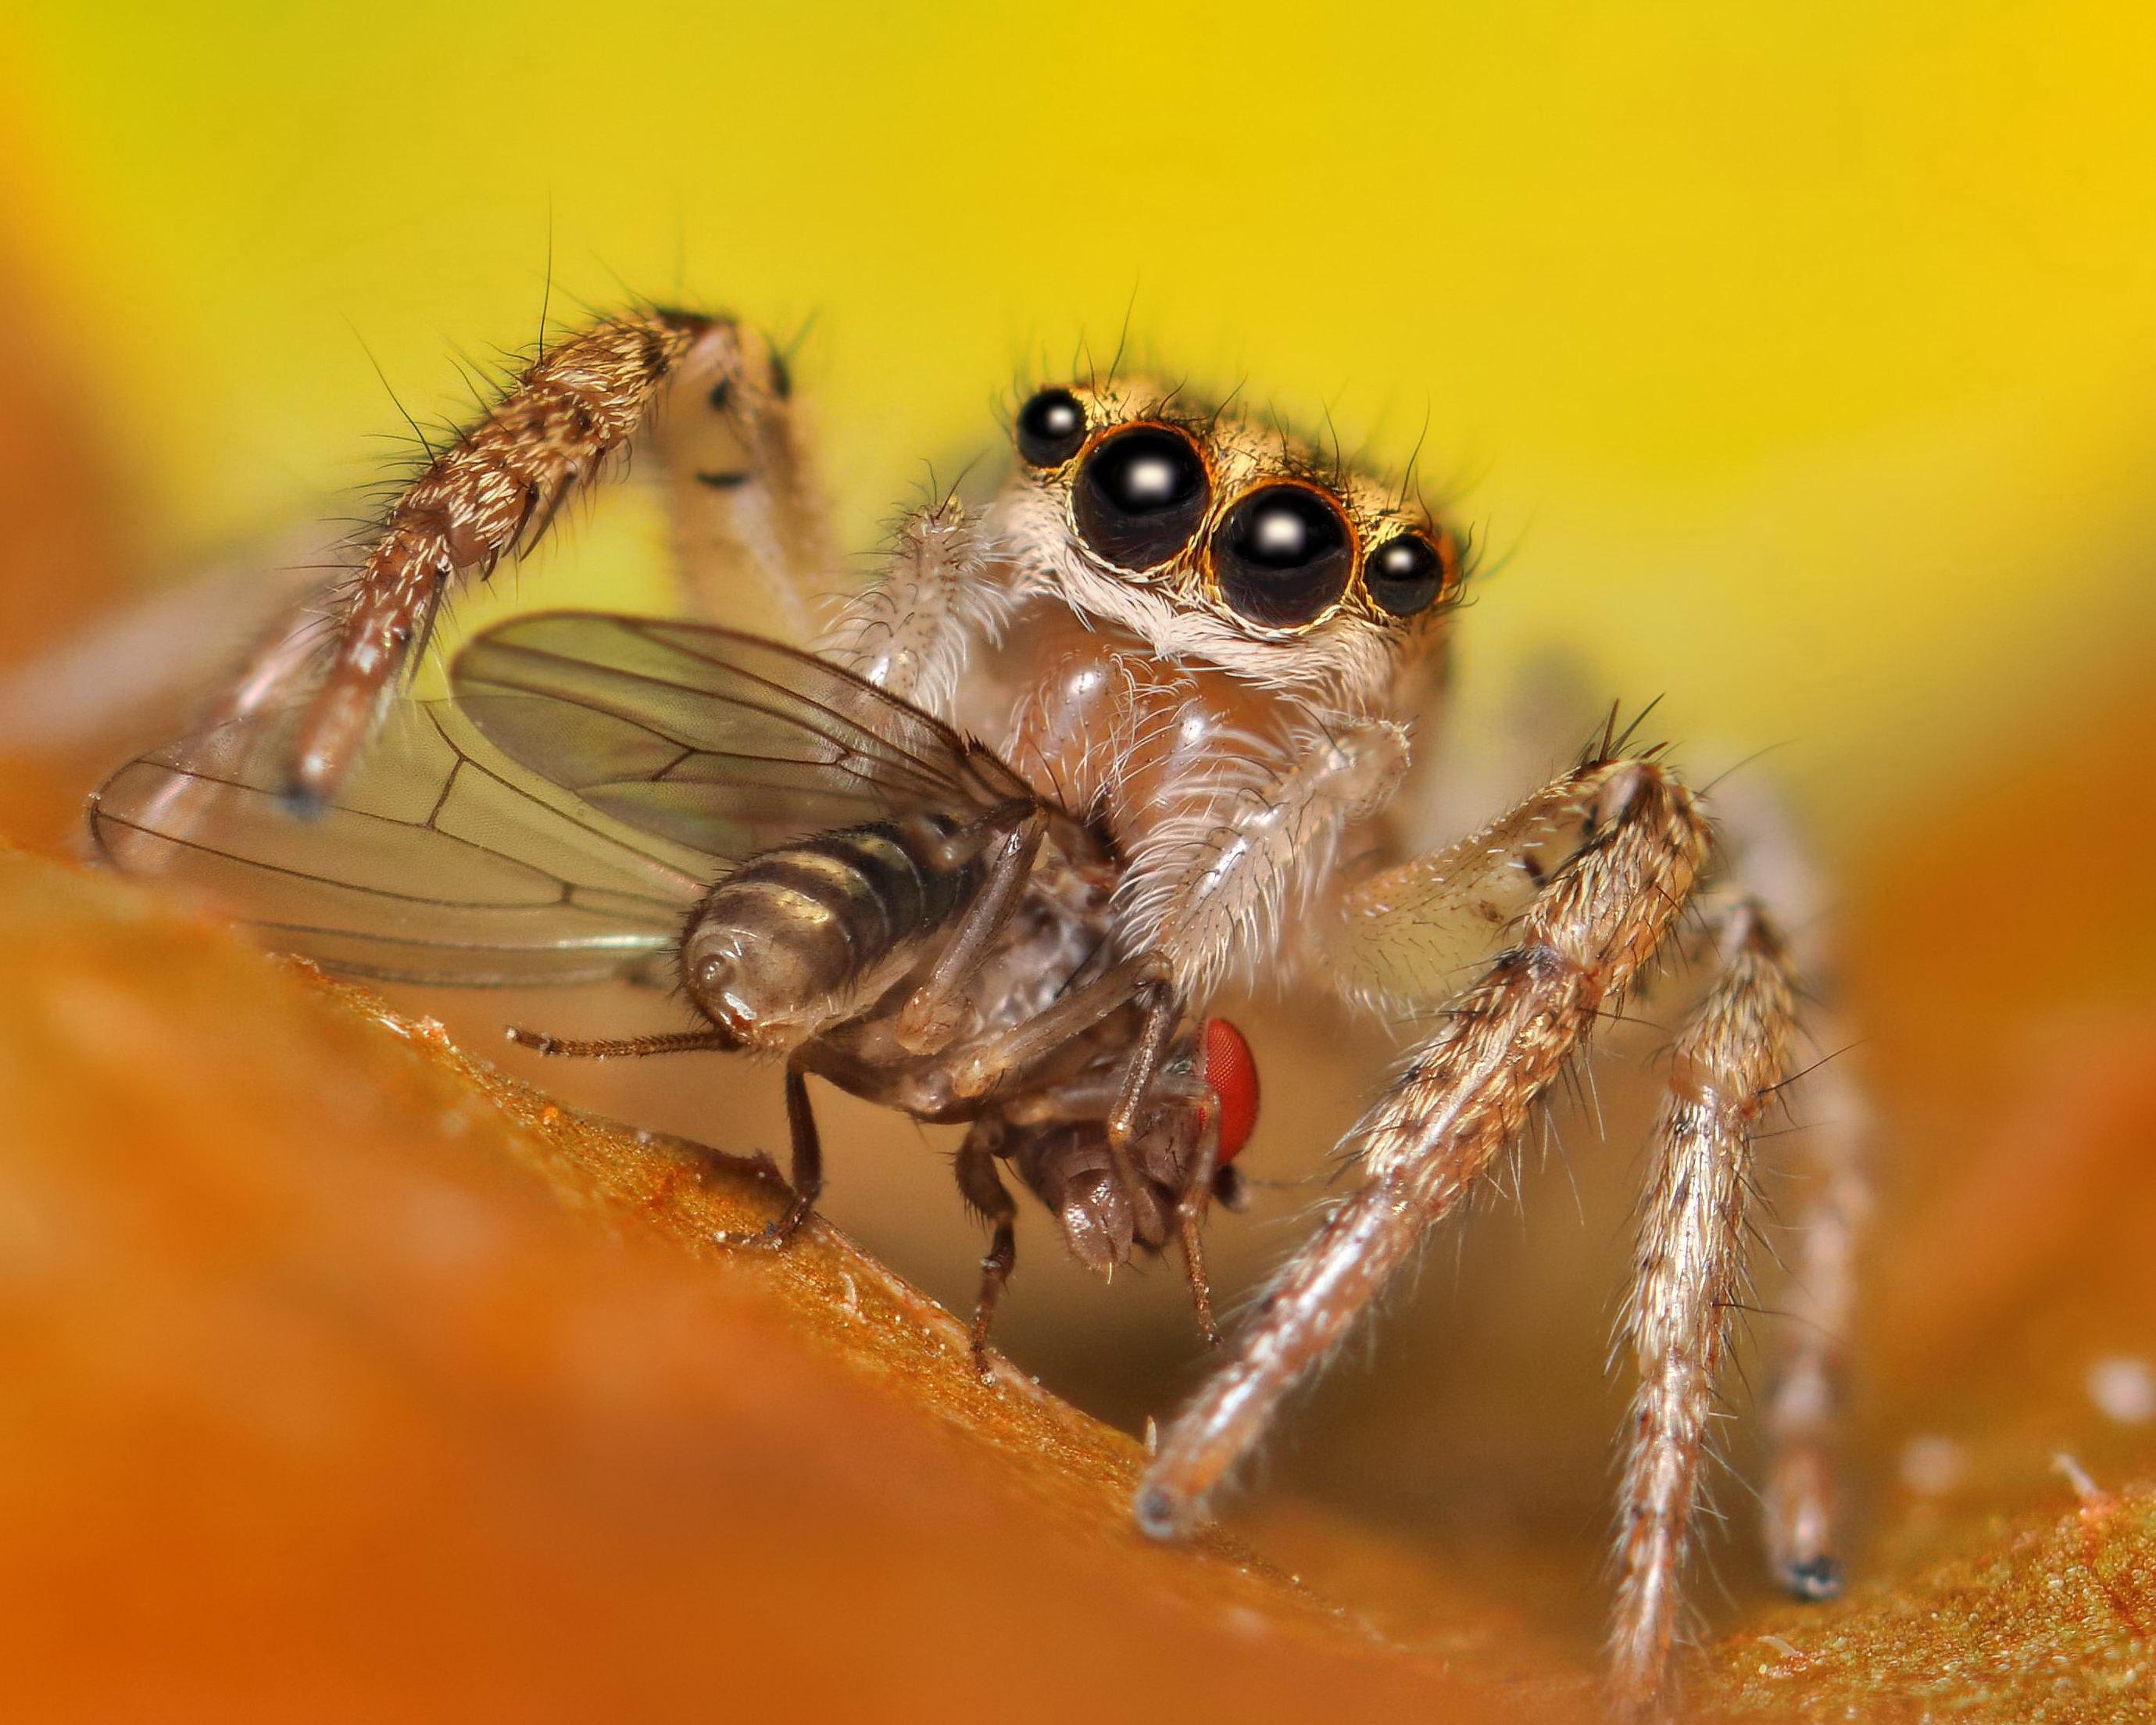 Nhện ăn 880 triệu tấn côn trùng mỗi năm